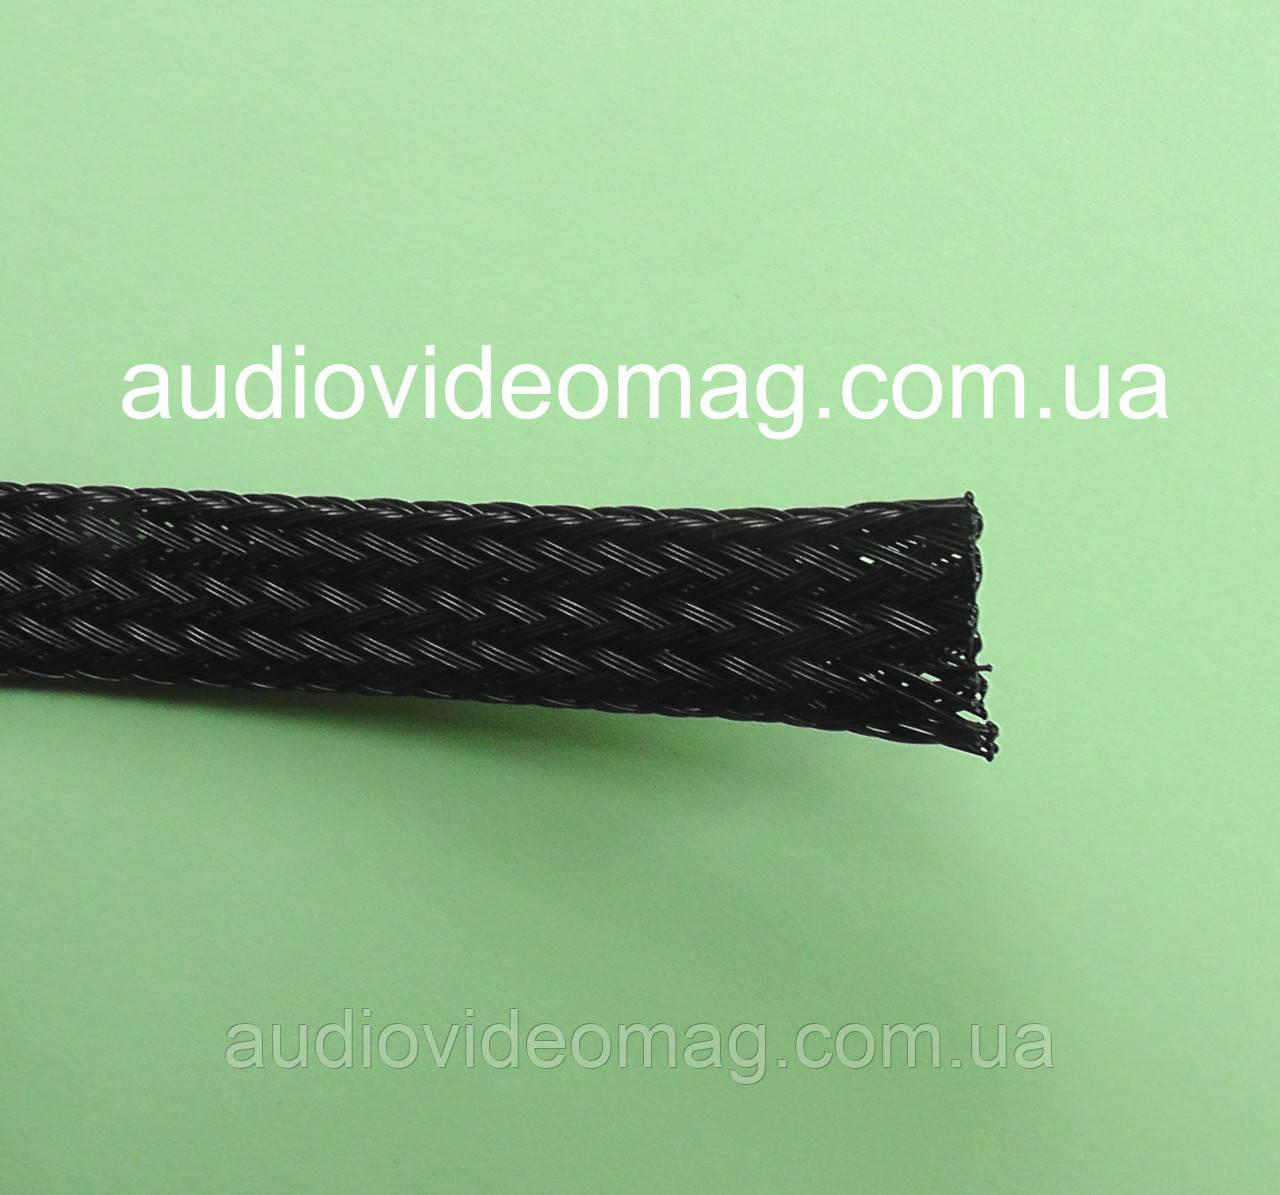 Оплетка защитная для кабеля, диаметр 10 мм